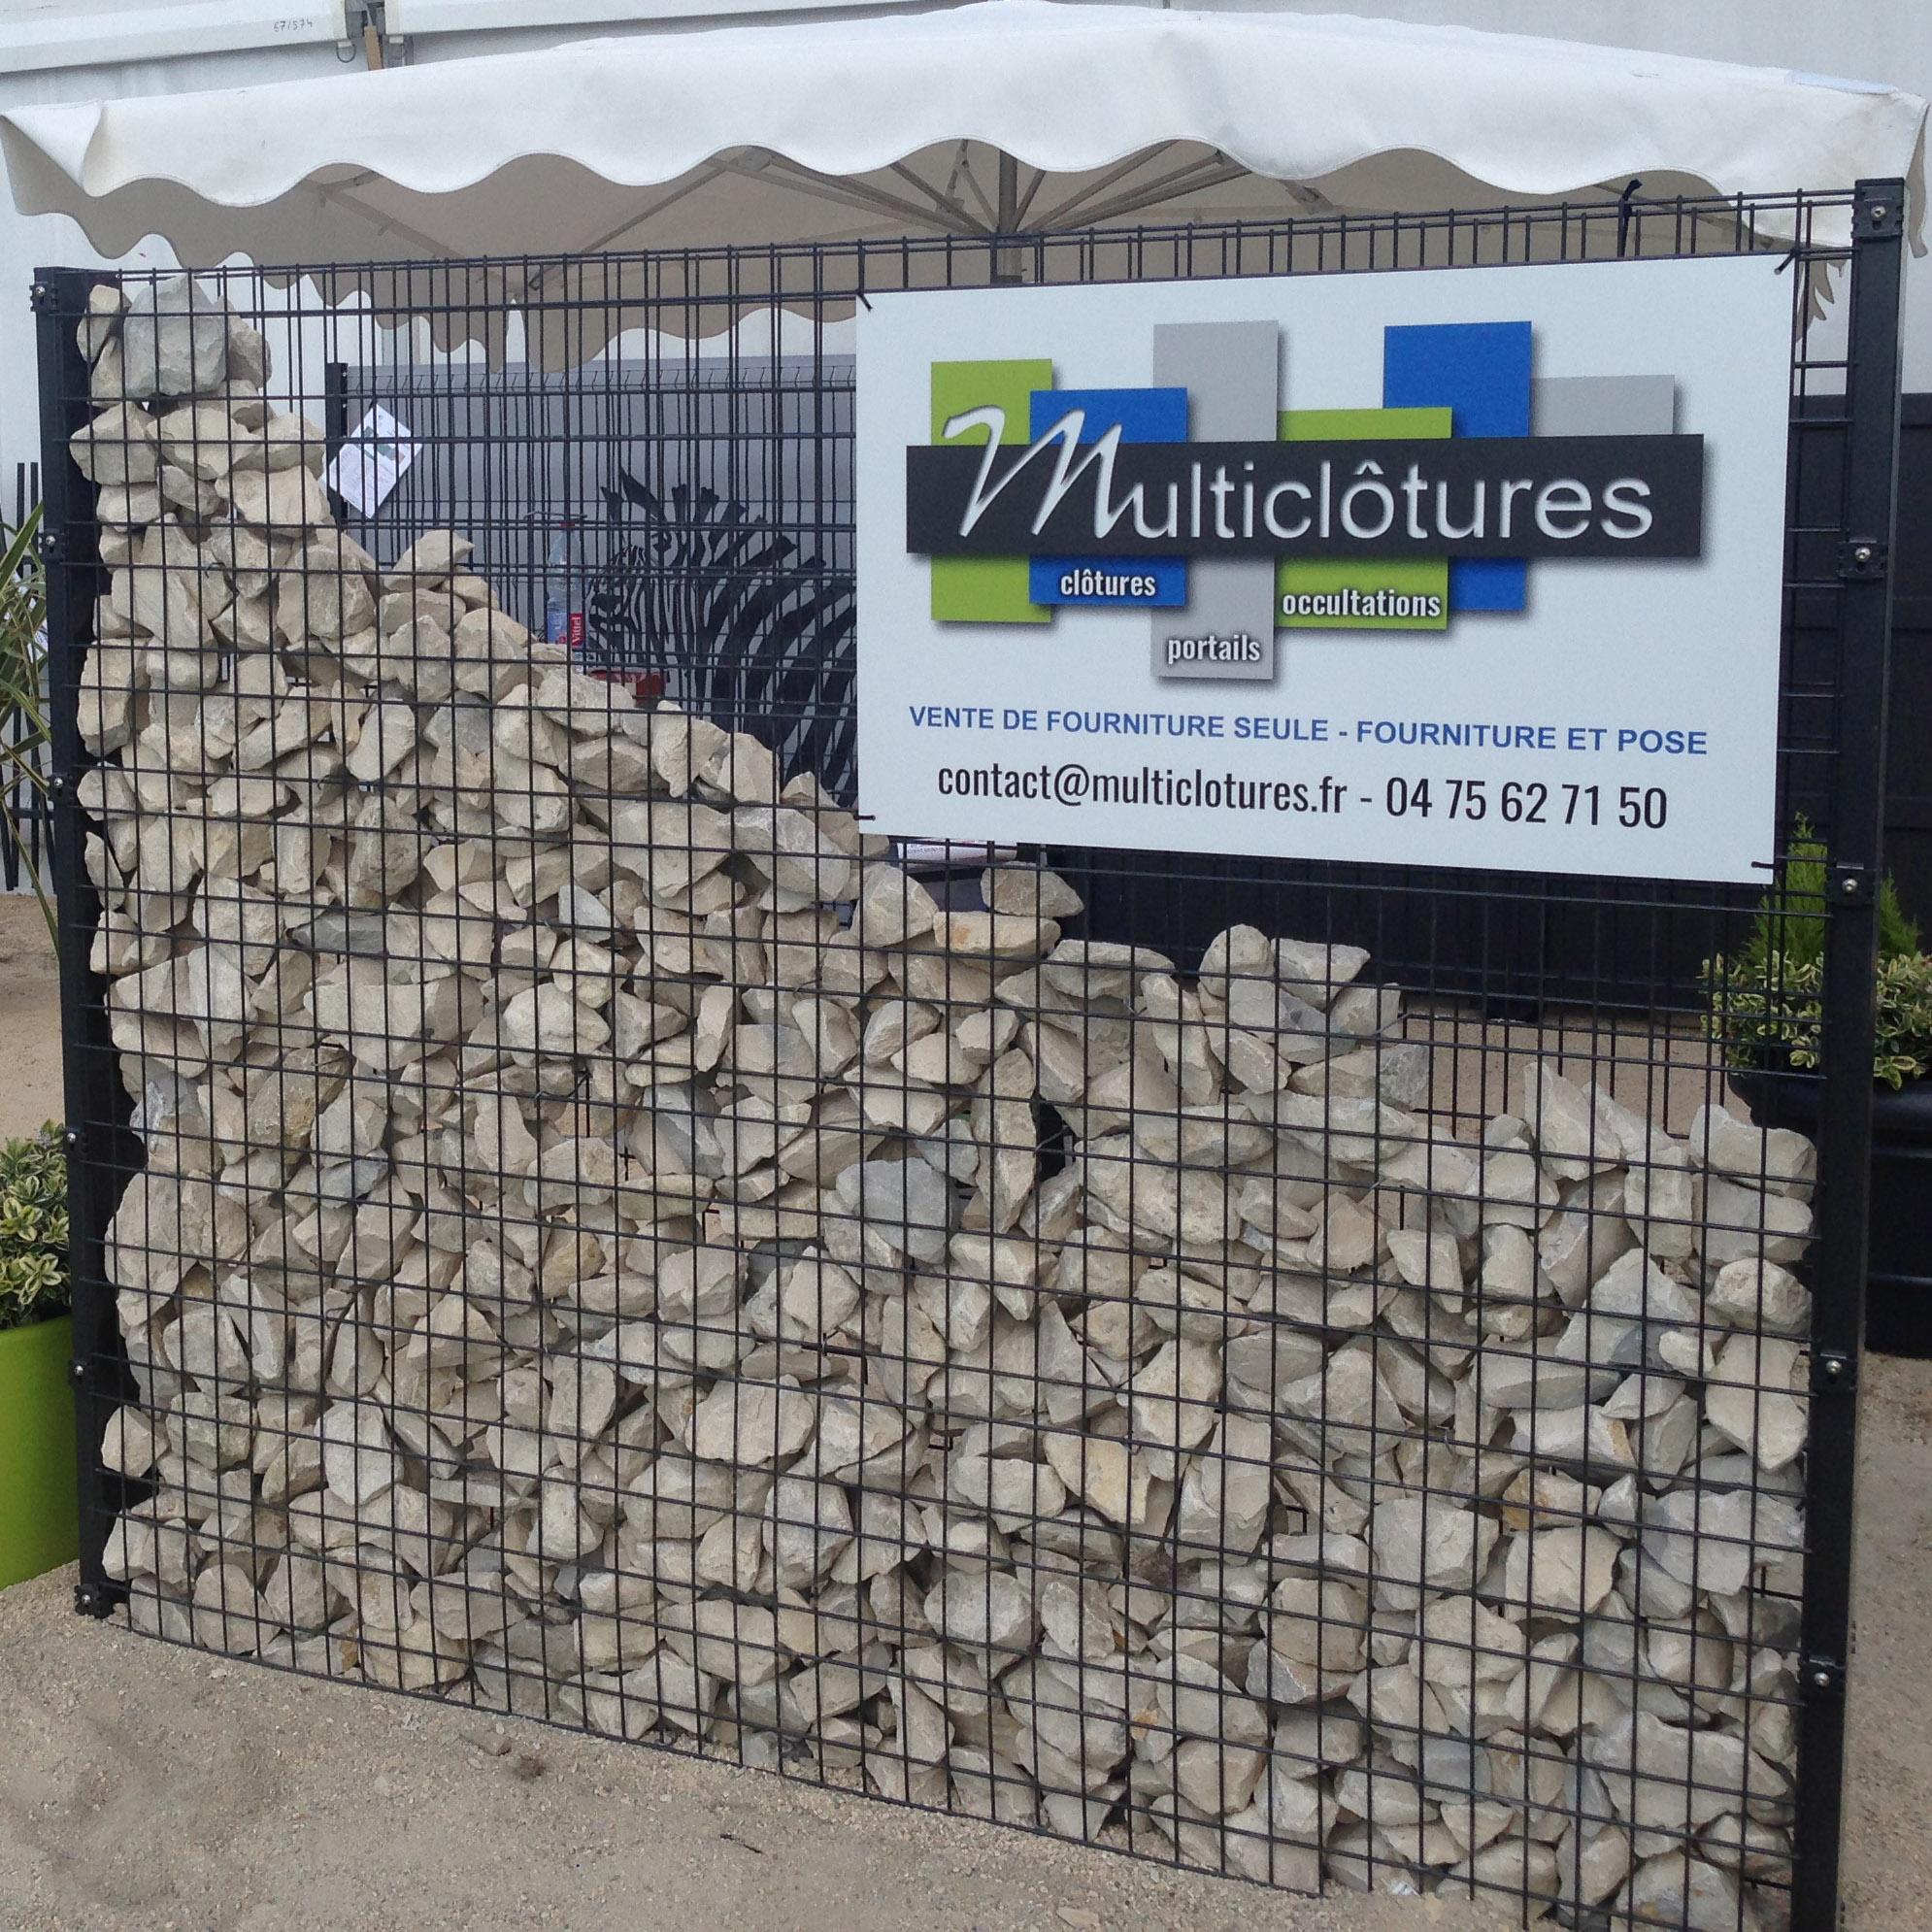 Clôture en gabion pour maisons et résidences - Multiclotures